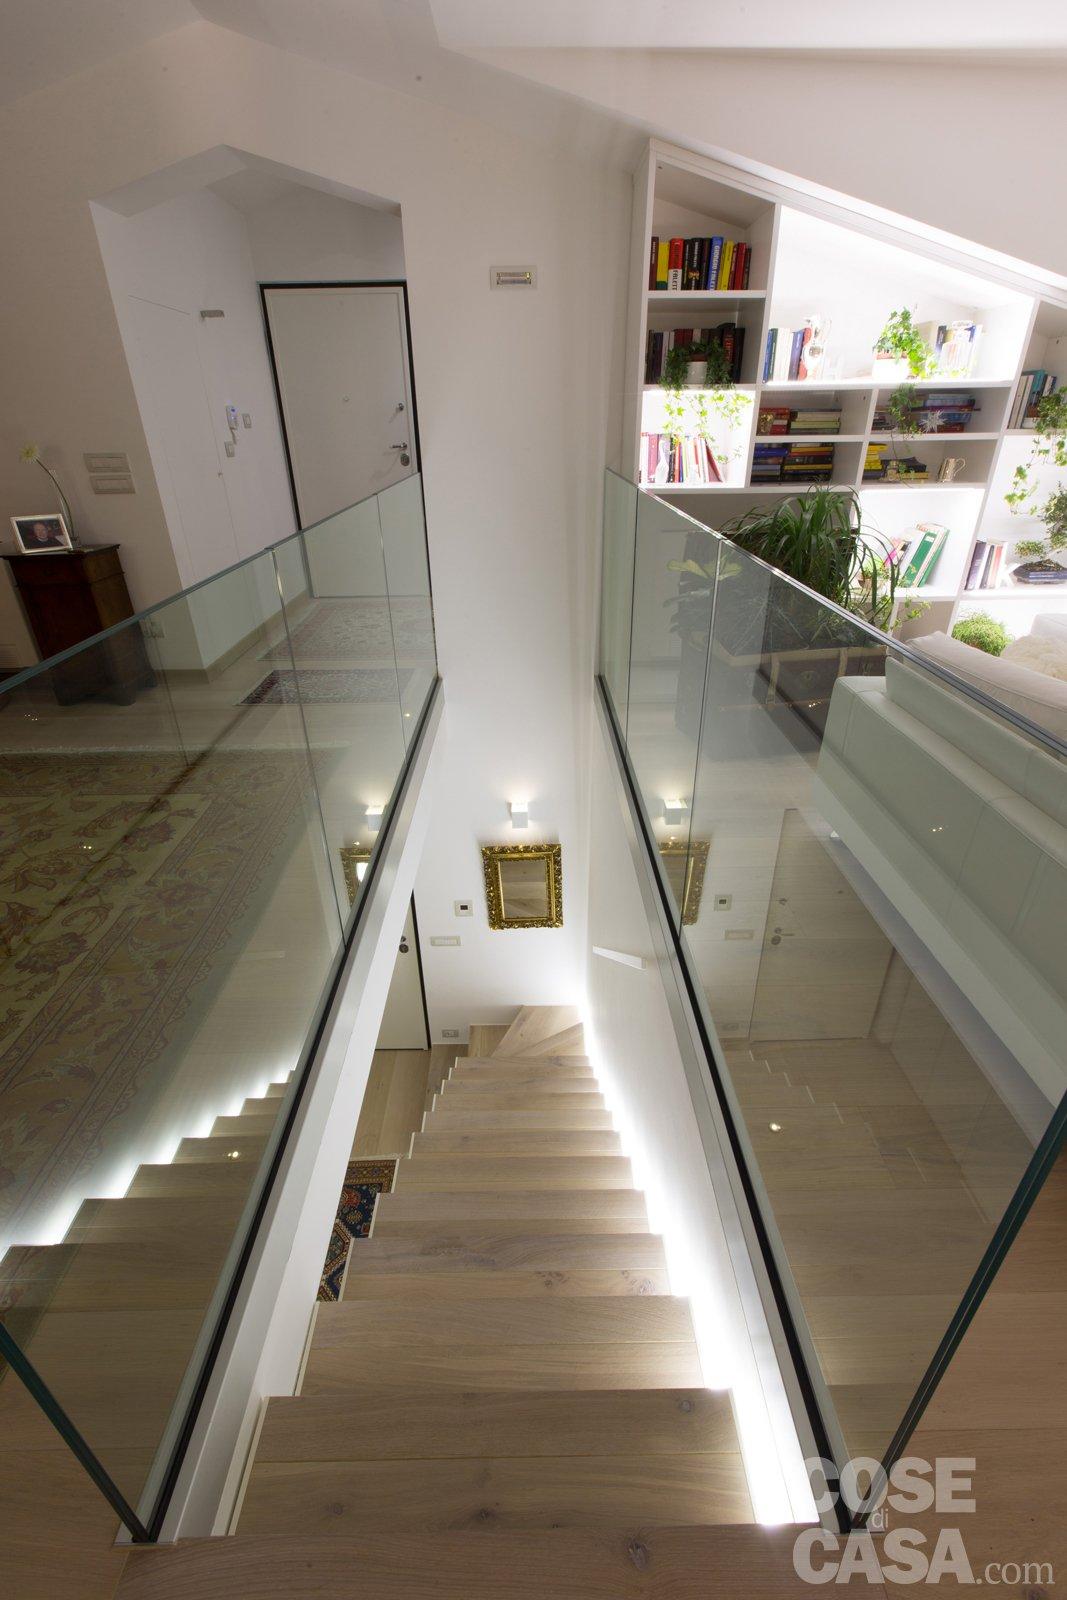 Illuminazione ingresso moderno : Più luce nell'attico con mansarda - cose di casa